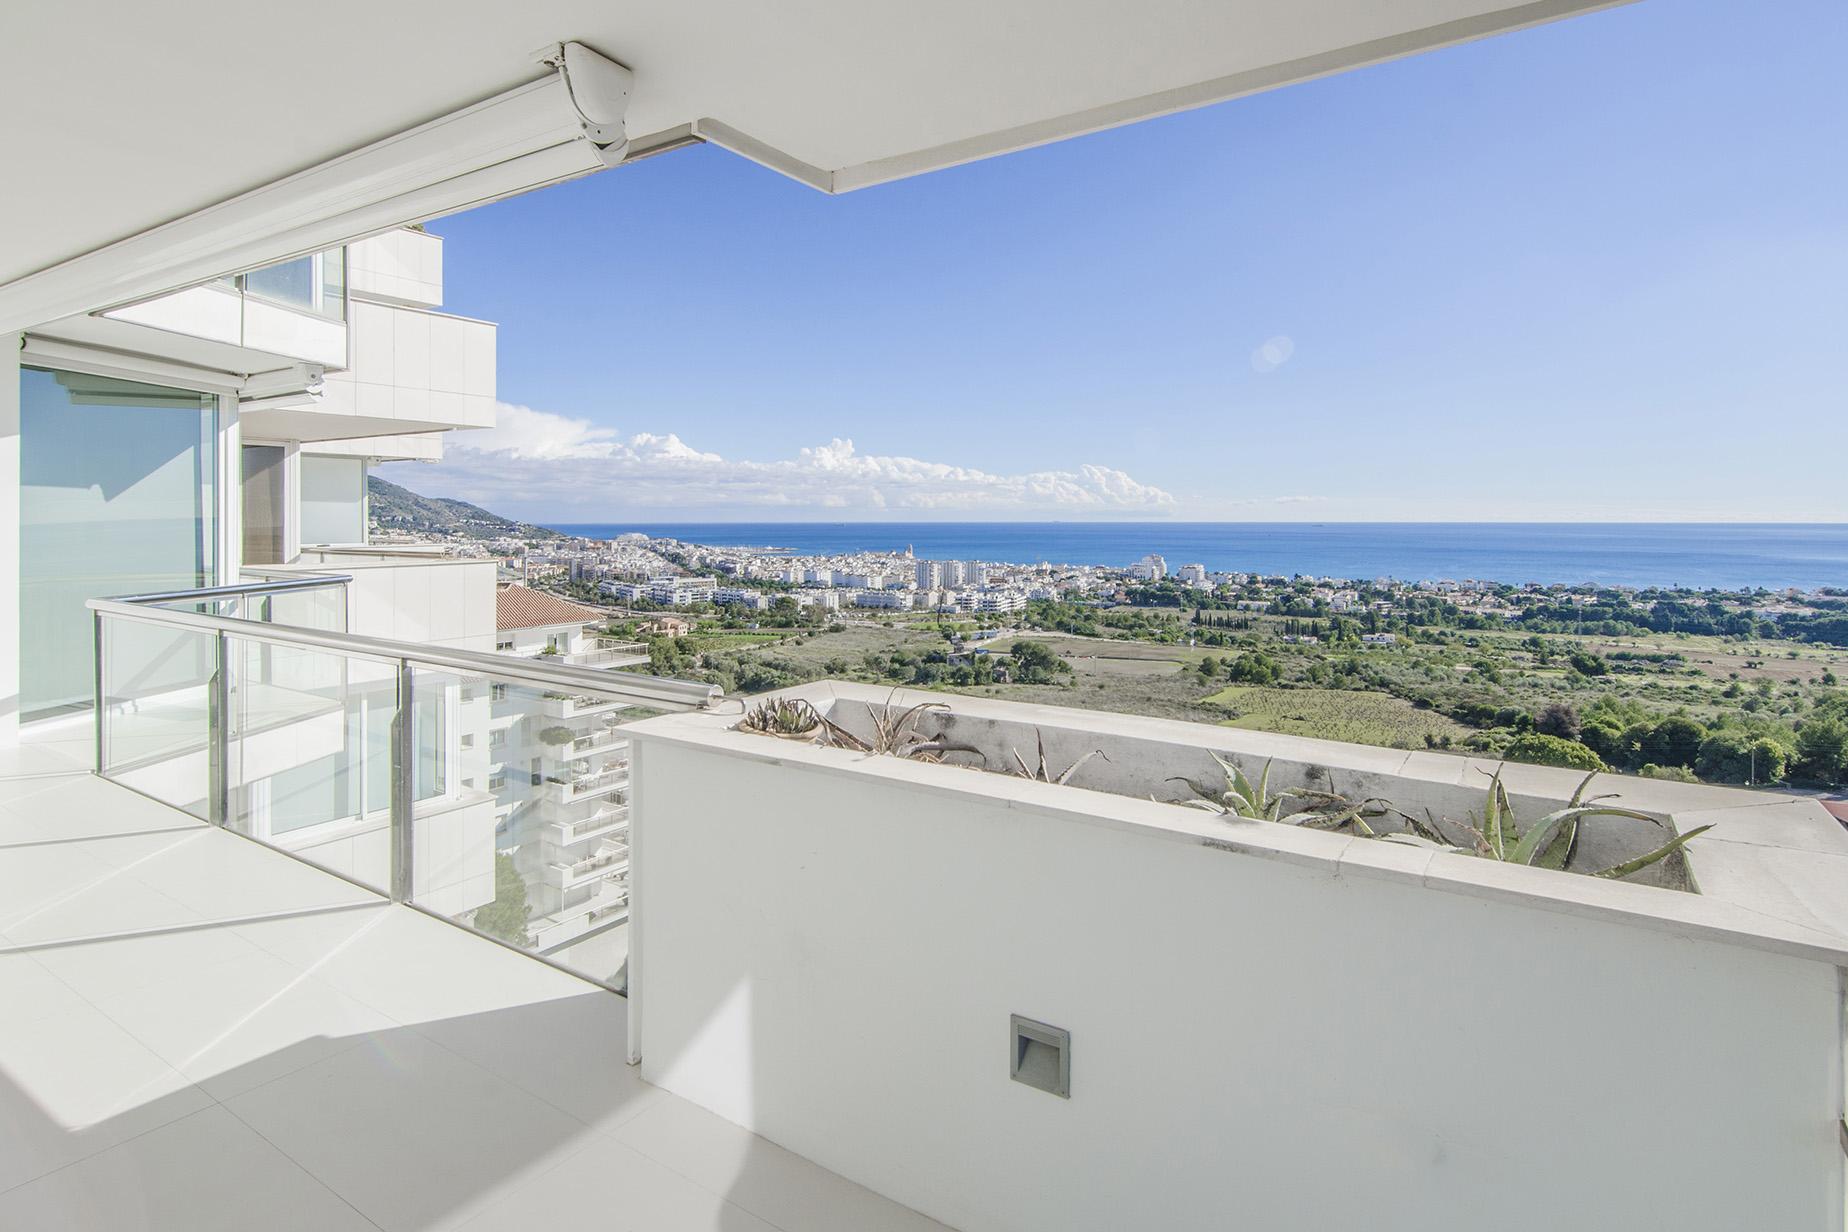 Apartamento para Venda às Stunning Apartment with Views to Sitges Sitges, Barcelona, 08870 Espanha